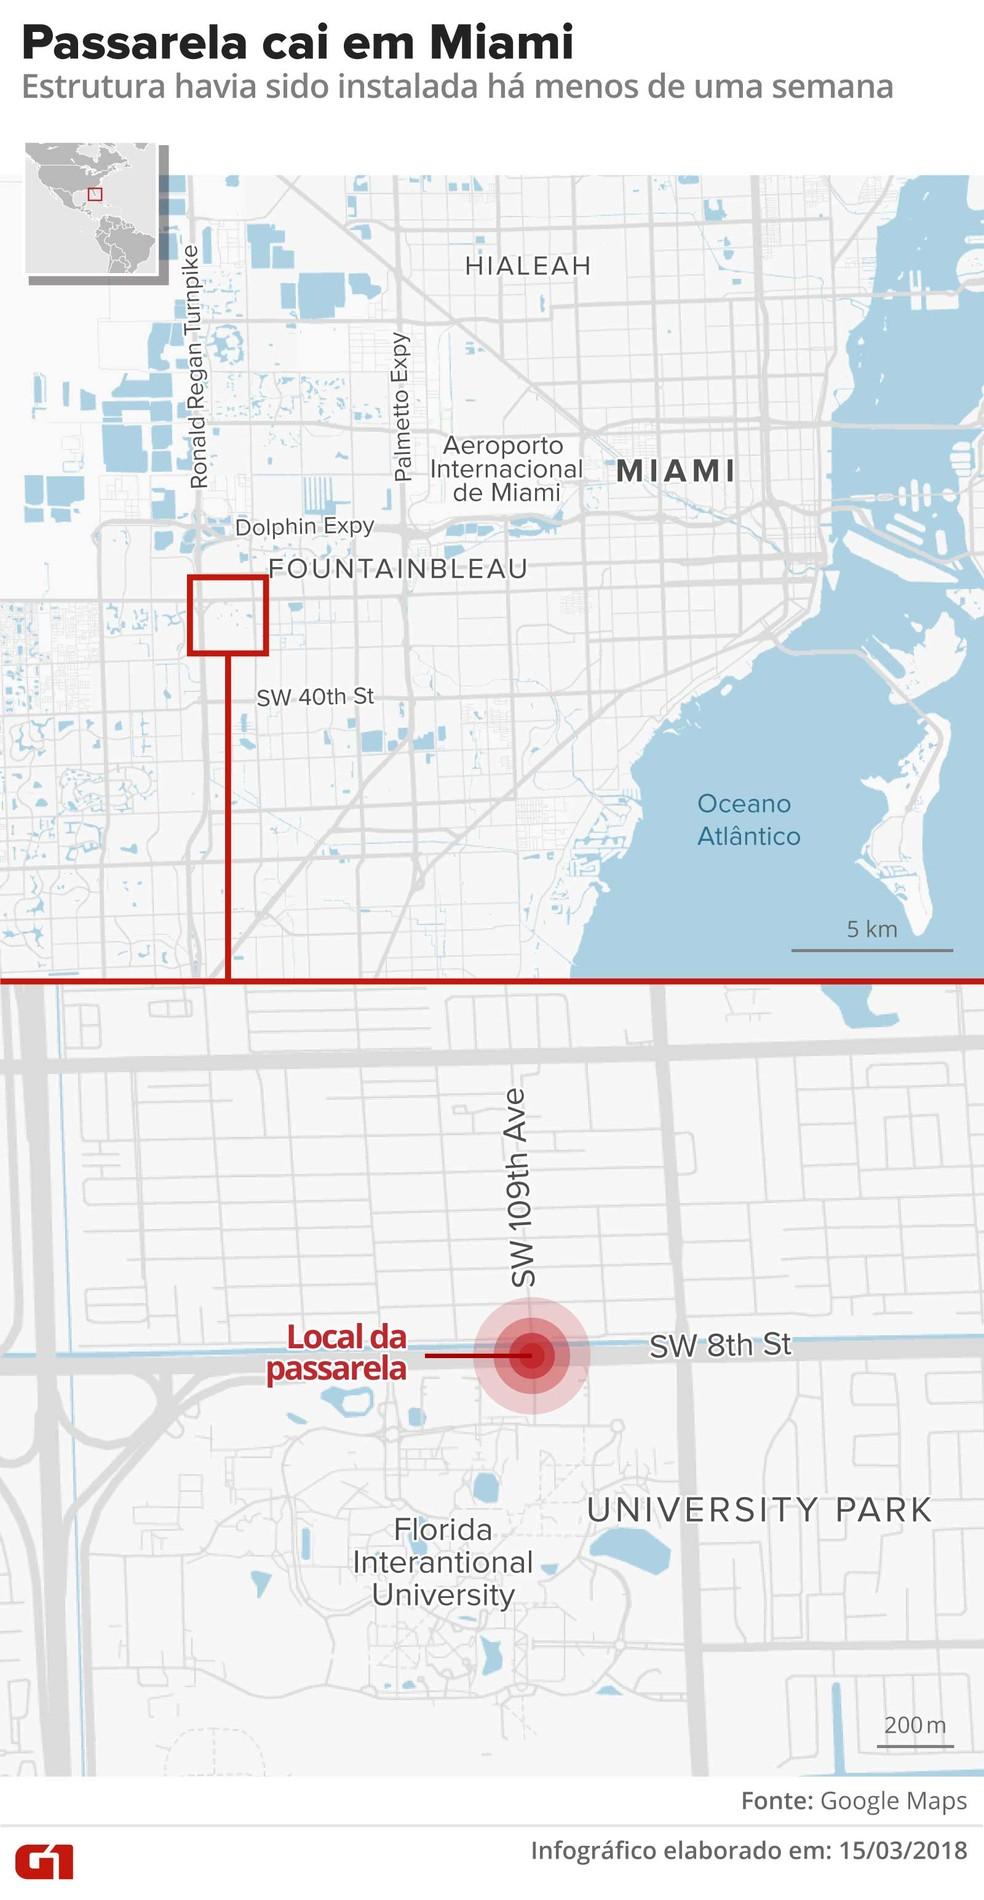 Passarela cai em Miami (Foto: Alexandre Mauro/G1)